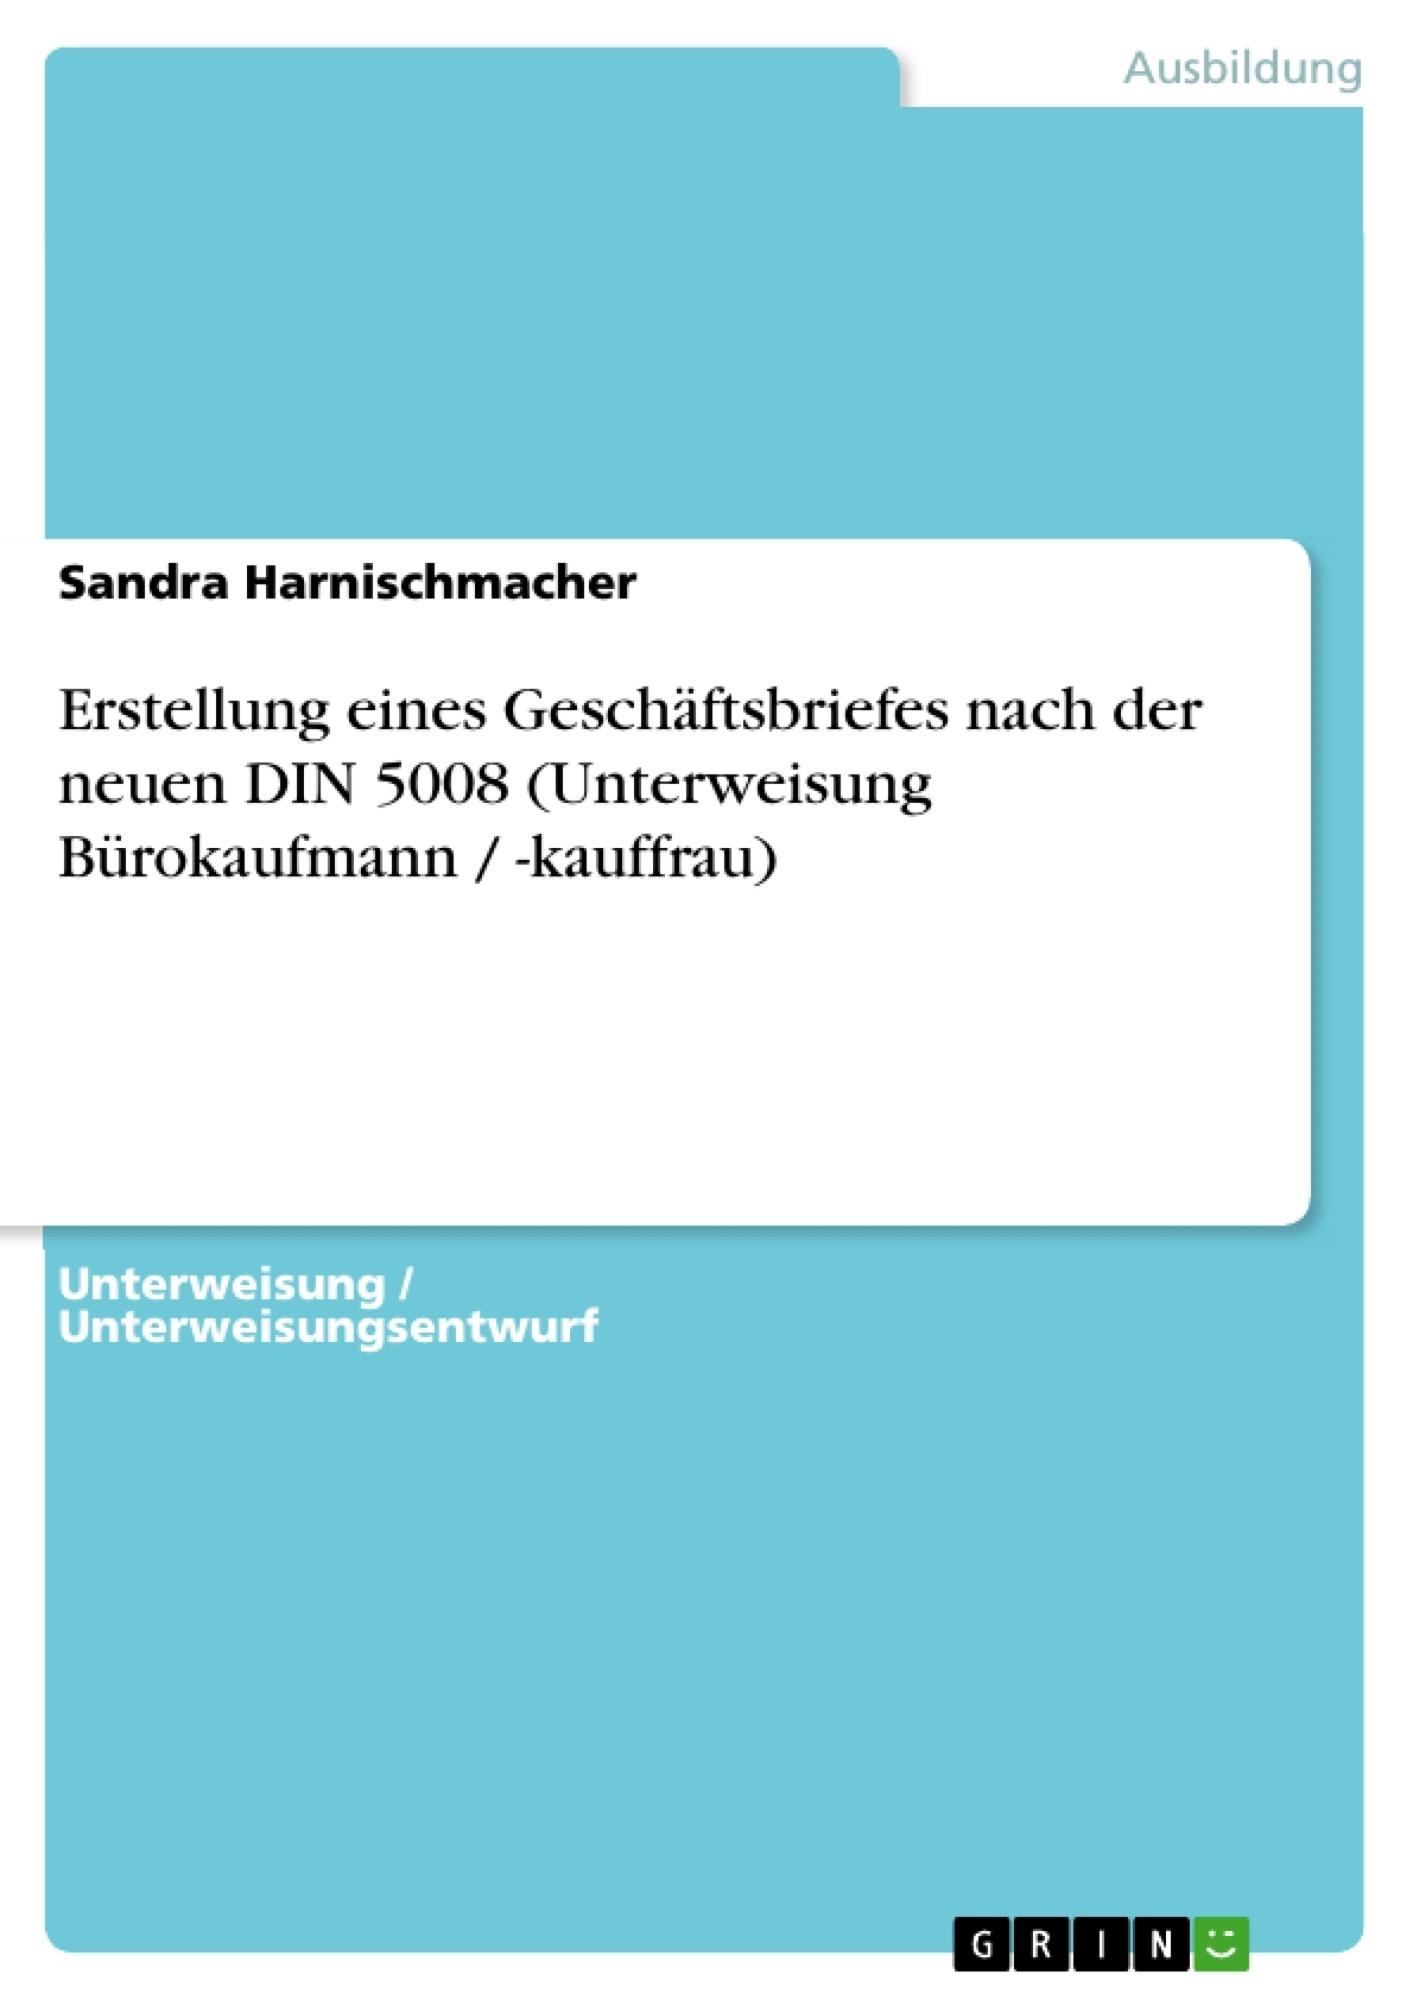 Titel: Erstellung eines Geschäftsbriefes nach der neuen DIN 5008 (Unterweisung Bürokaufmann / -kauffrau)